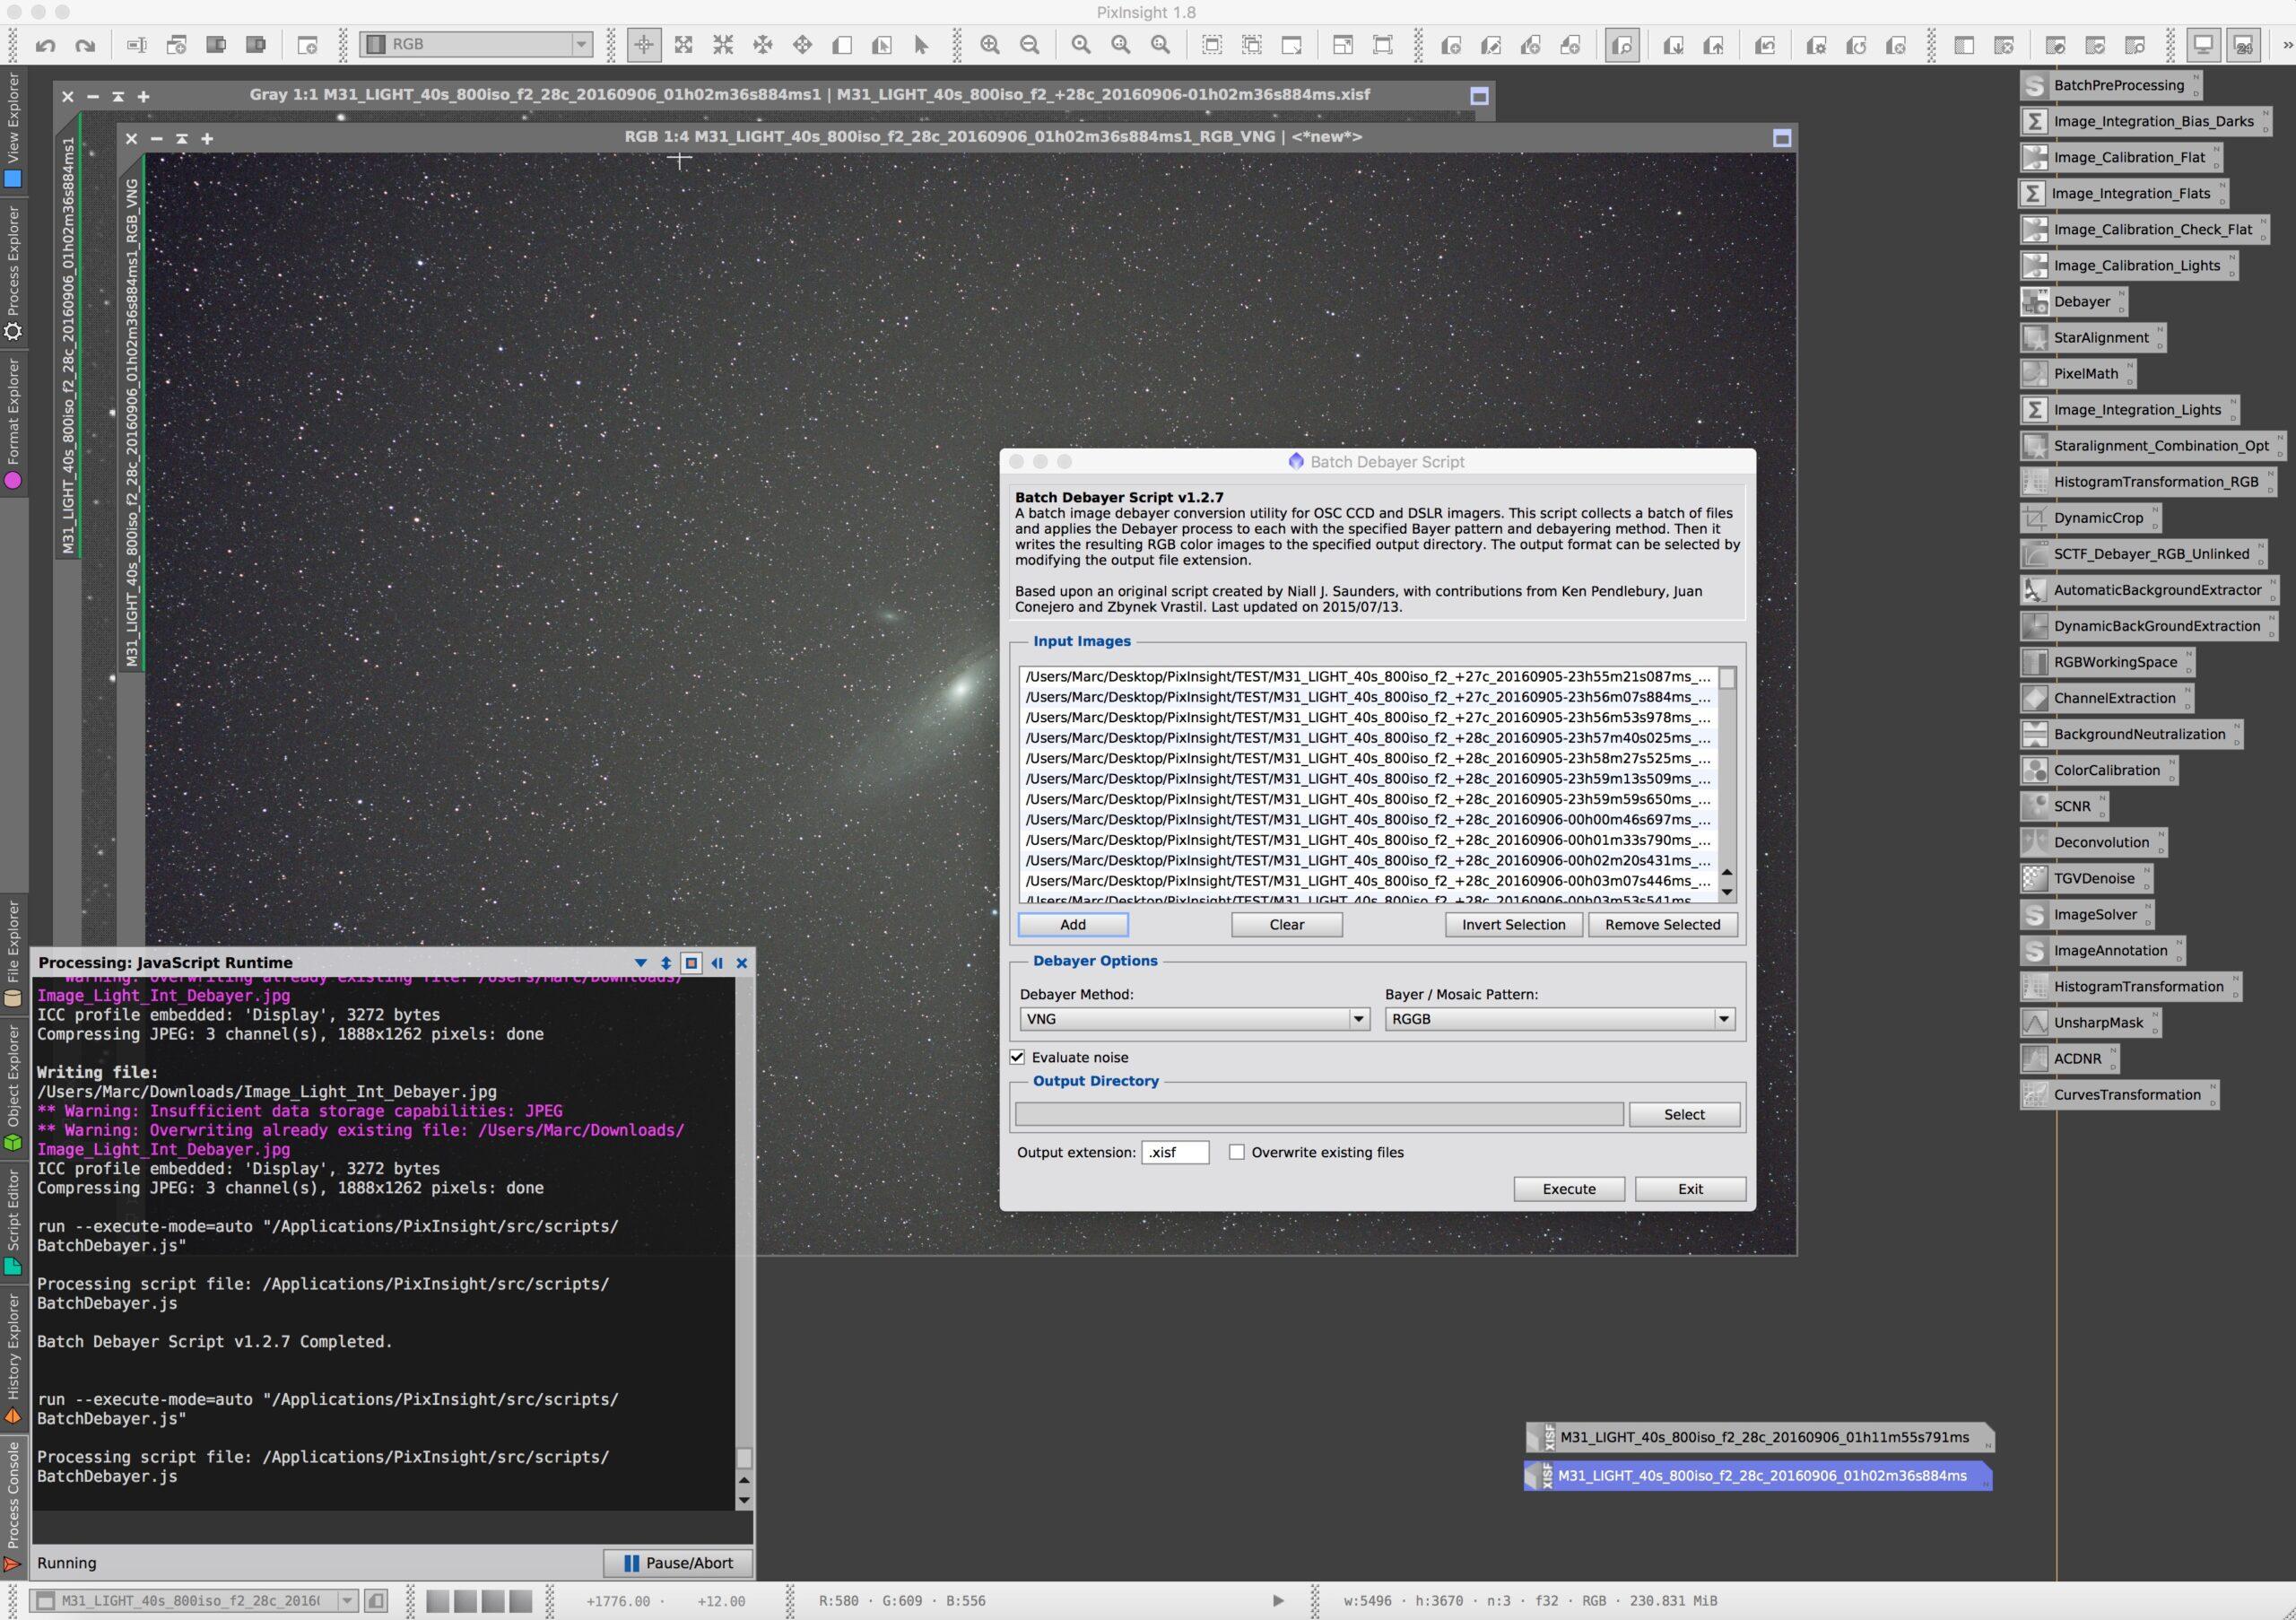 Debayering van het geïntegreerde light frame met SCTF functie en RGB unlinked.